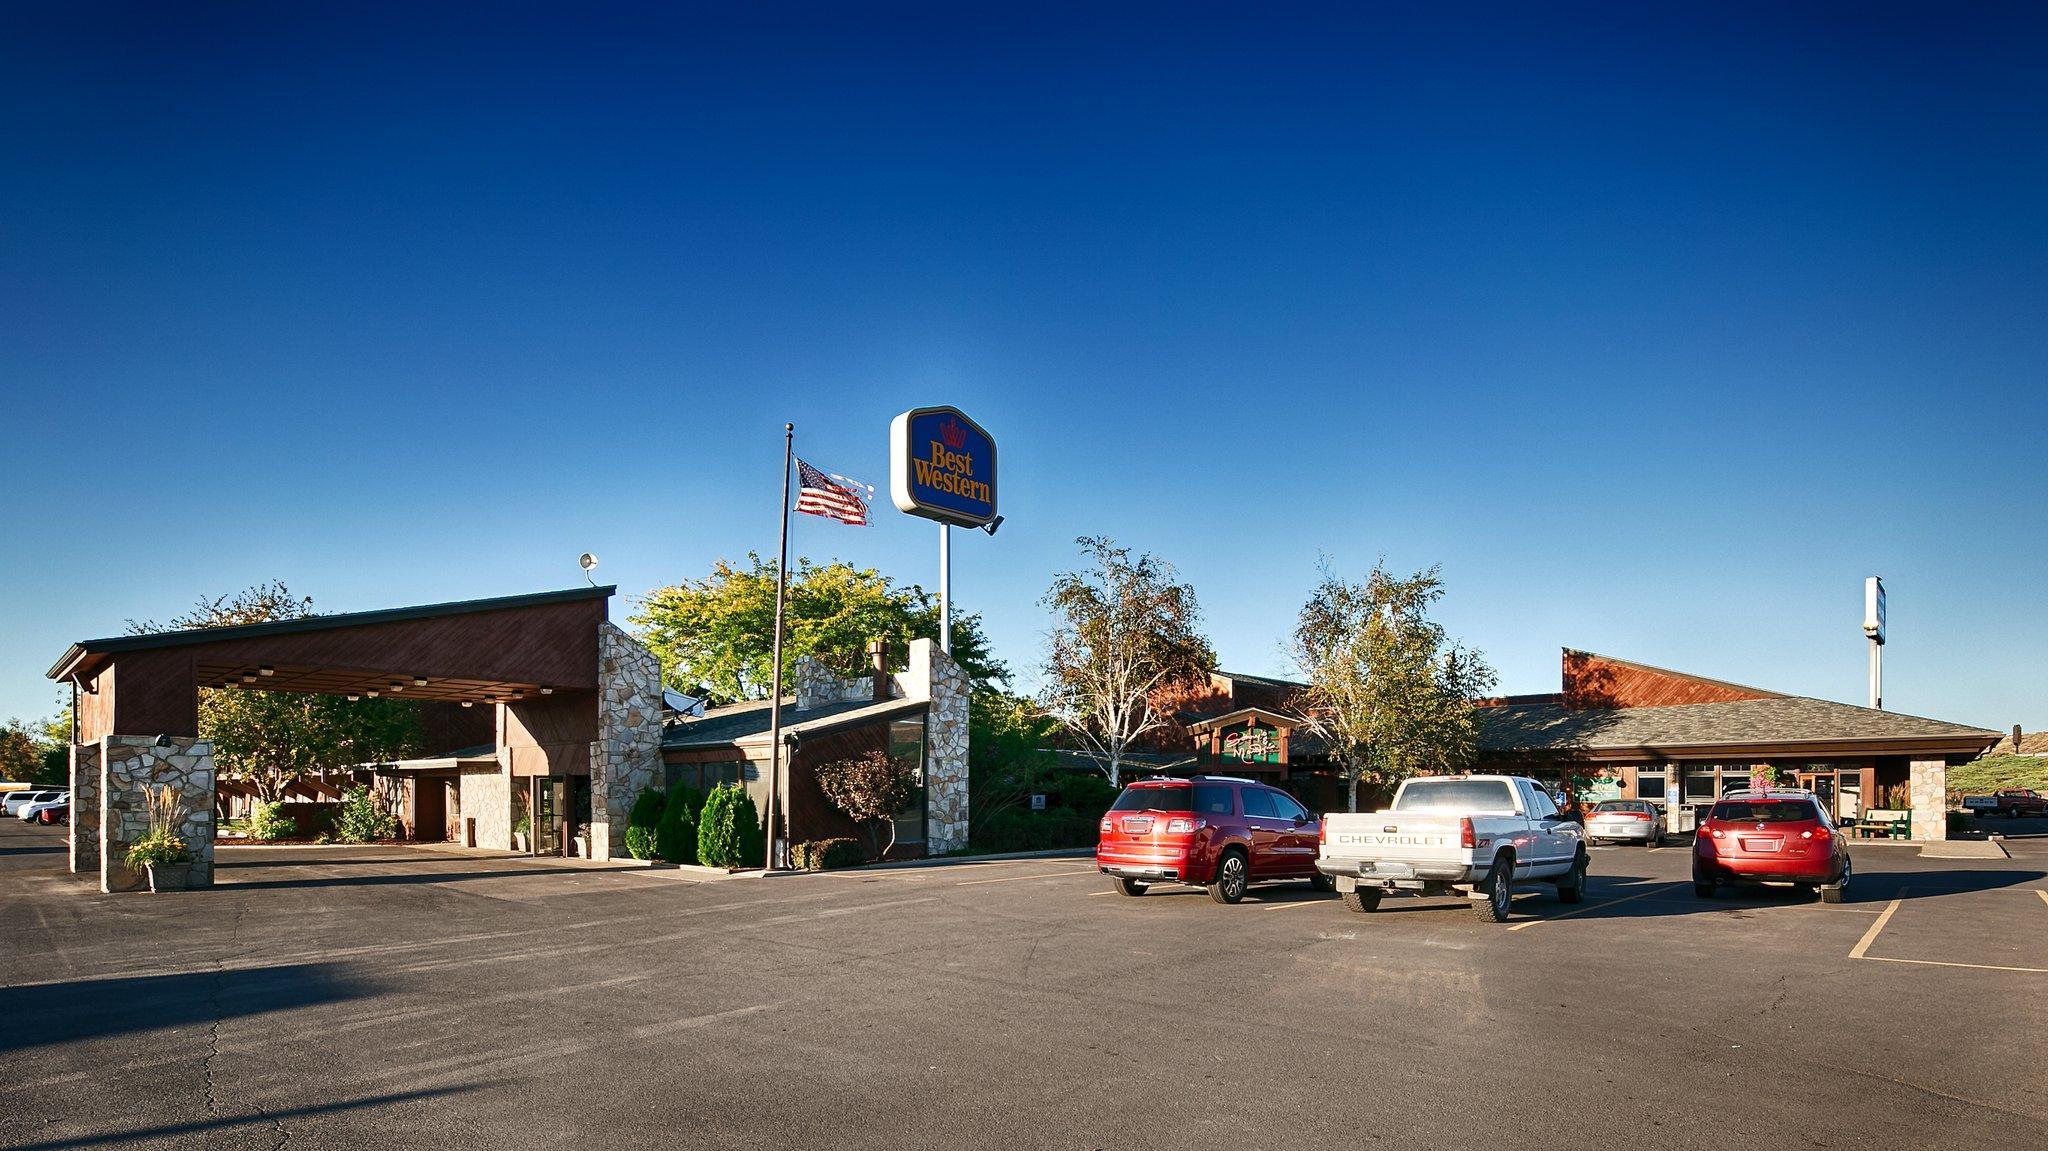 BEST WESTERN Sunridge Inn